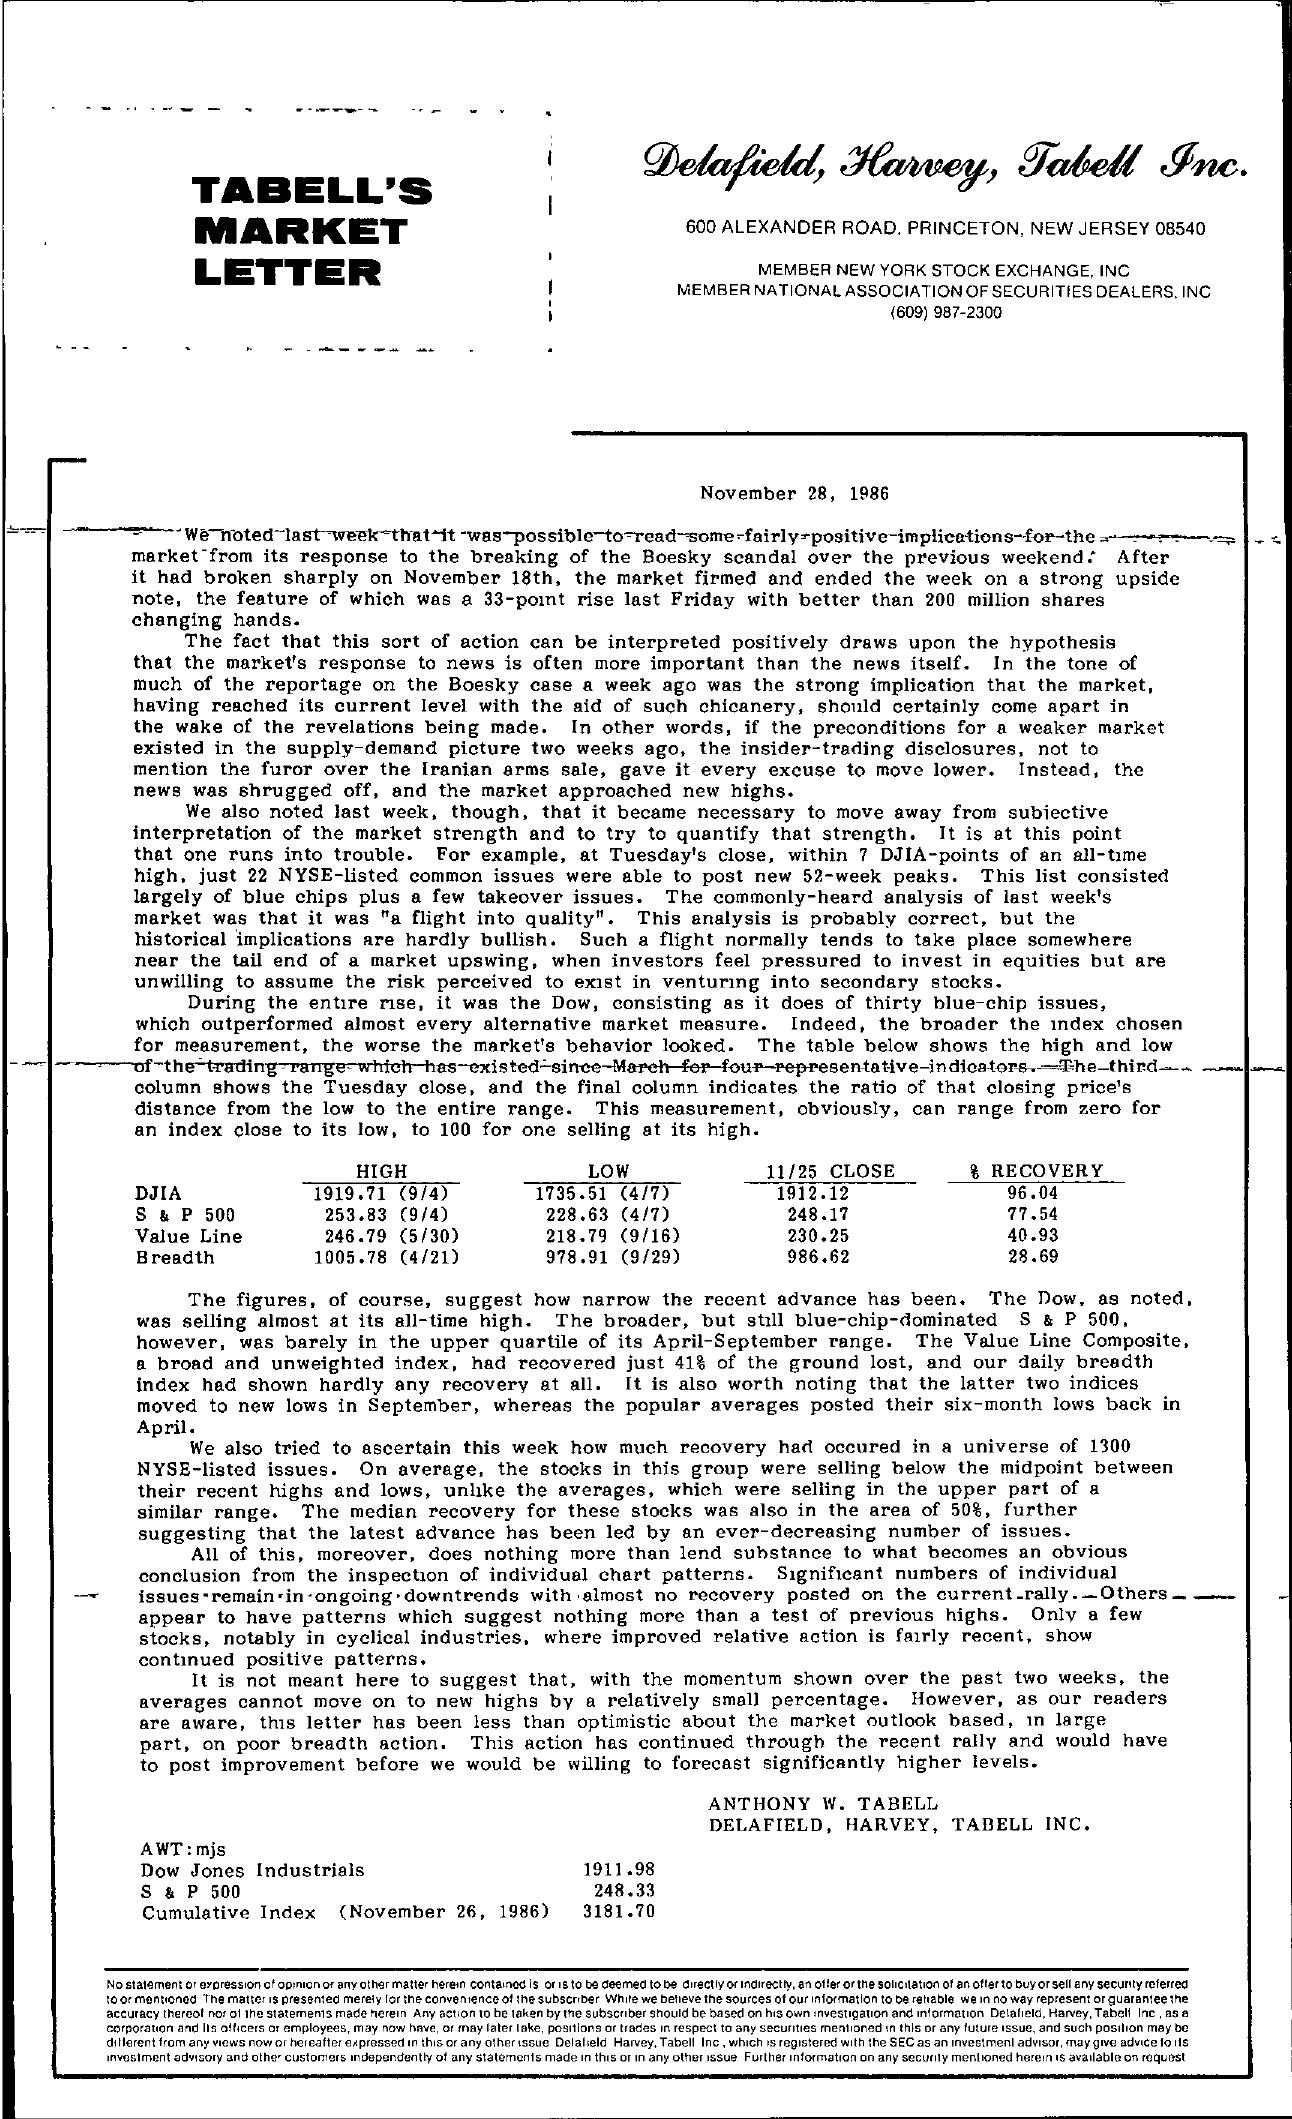 Tabell's Market Letter - November 28, 1986